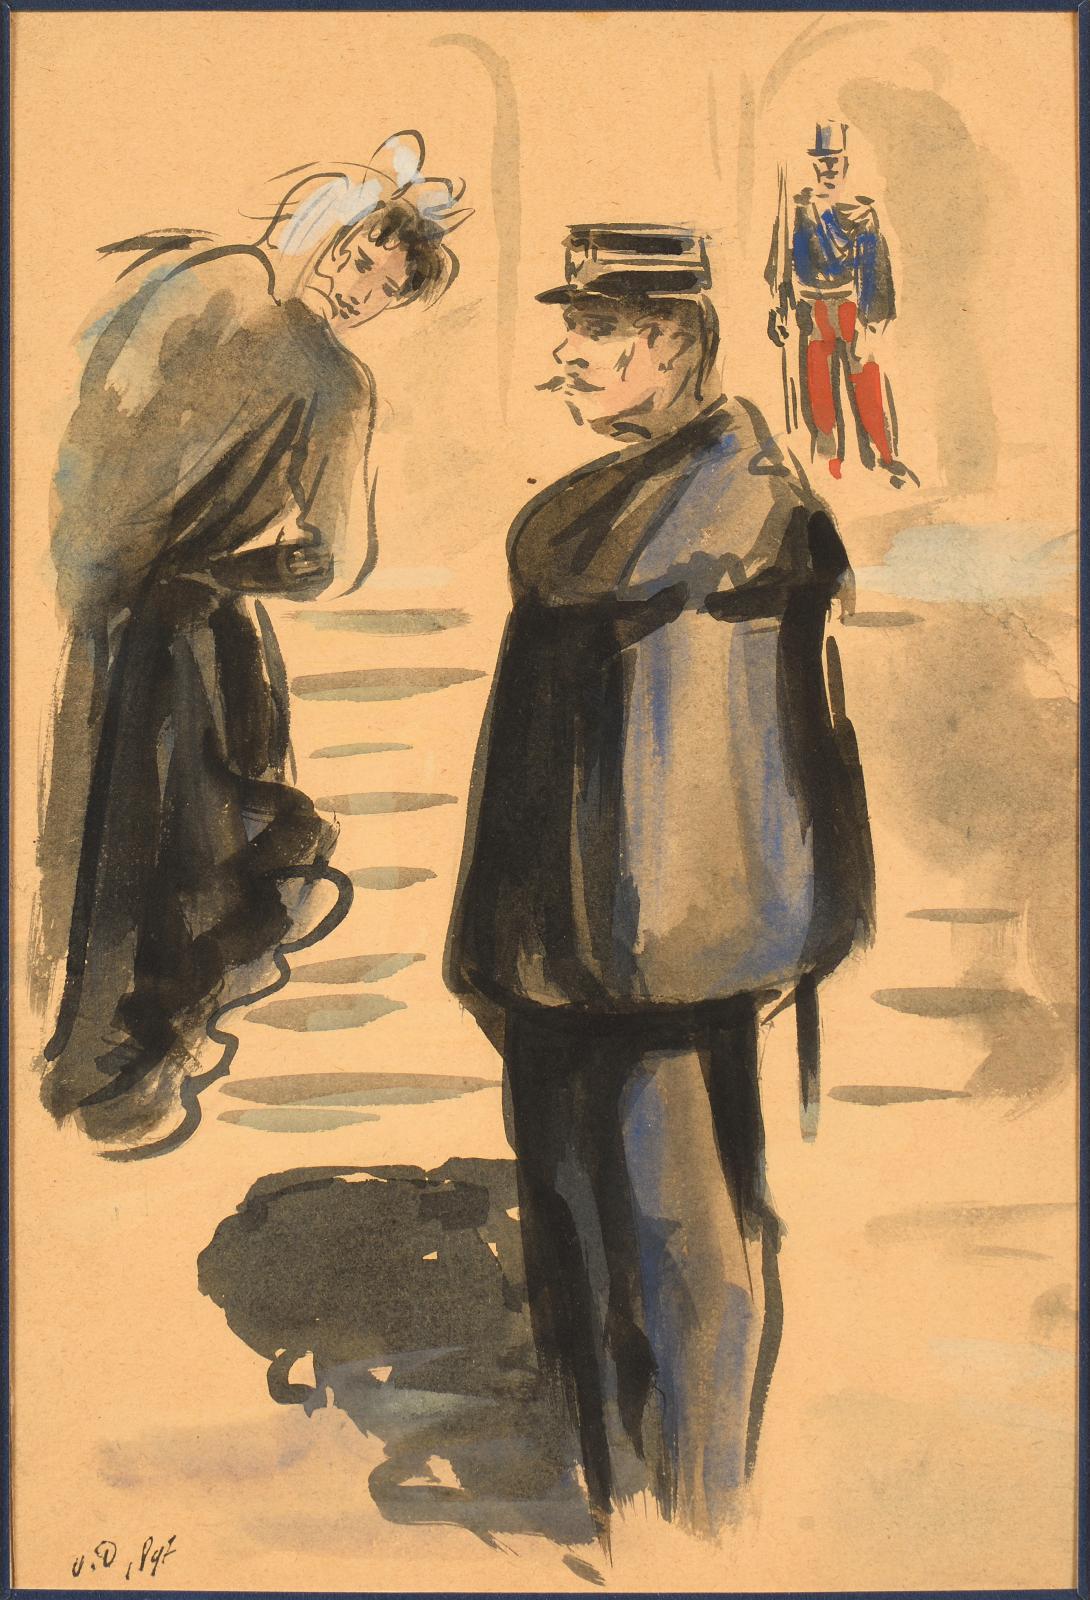 Kees Van Dongen (1877-1968), Scène de rue, 1897, aquarelle et lavis, signée des initiales «V.D.», 29,2x19,7cm. Estimation: 3000/50